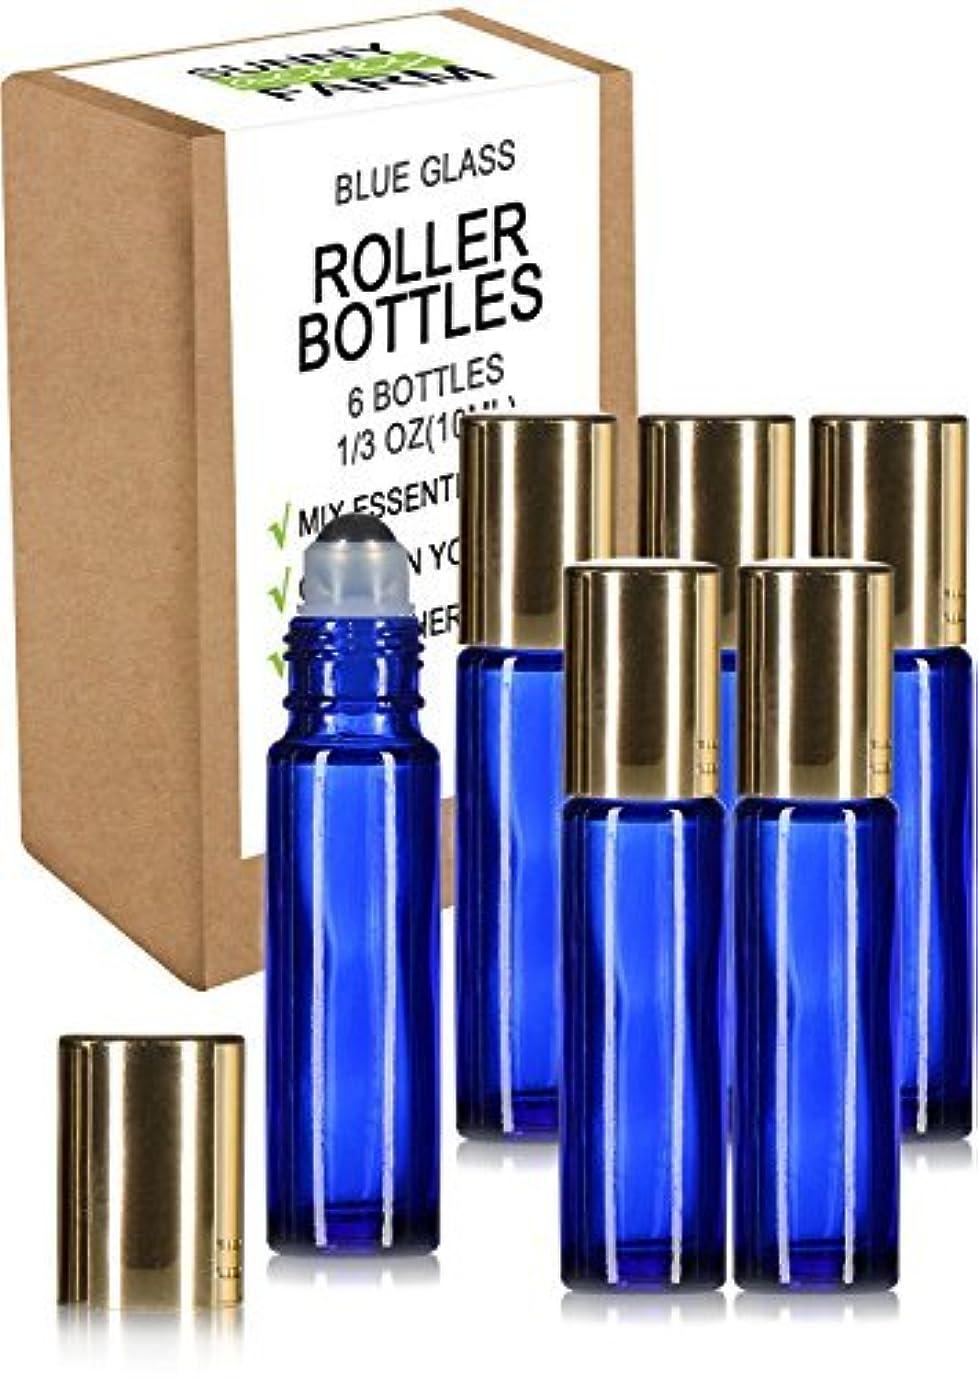 ベリージレンマ昨日Rioa 10ml(1/3oz) Cobalt Blue Glass Roller Bottles With Stainless Steel Roller Ball for Essential Oil - Include...